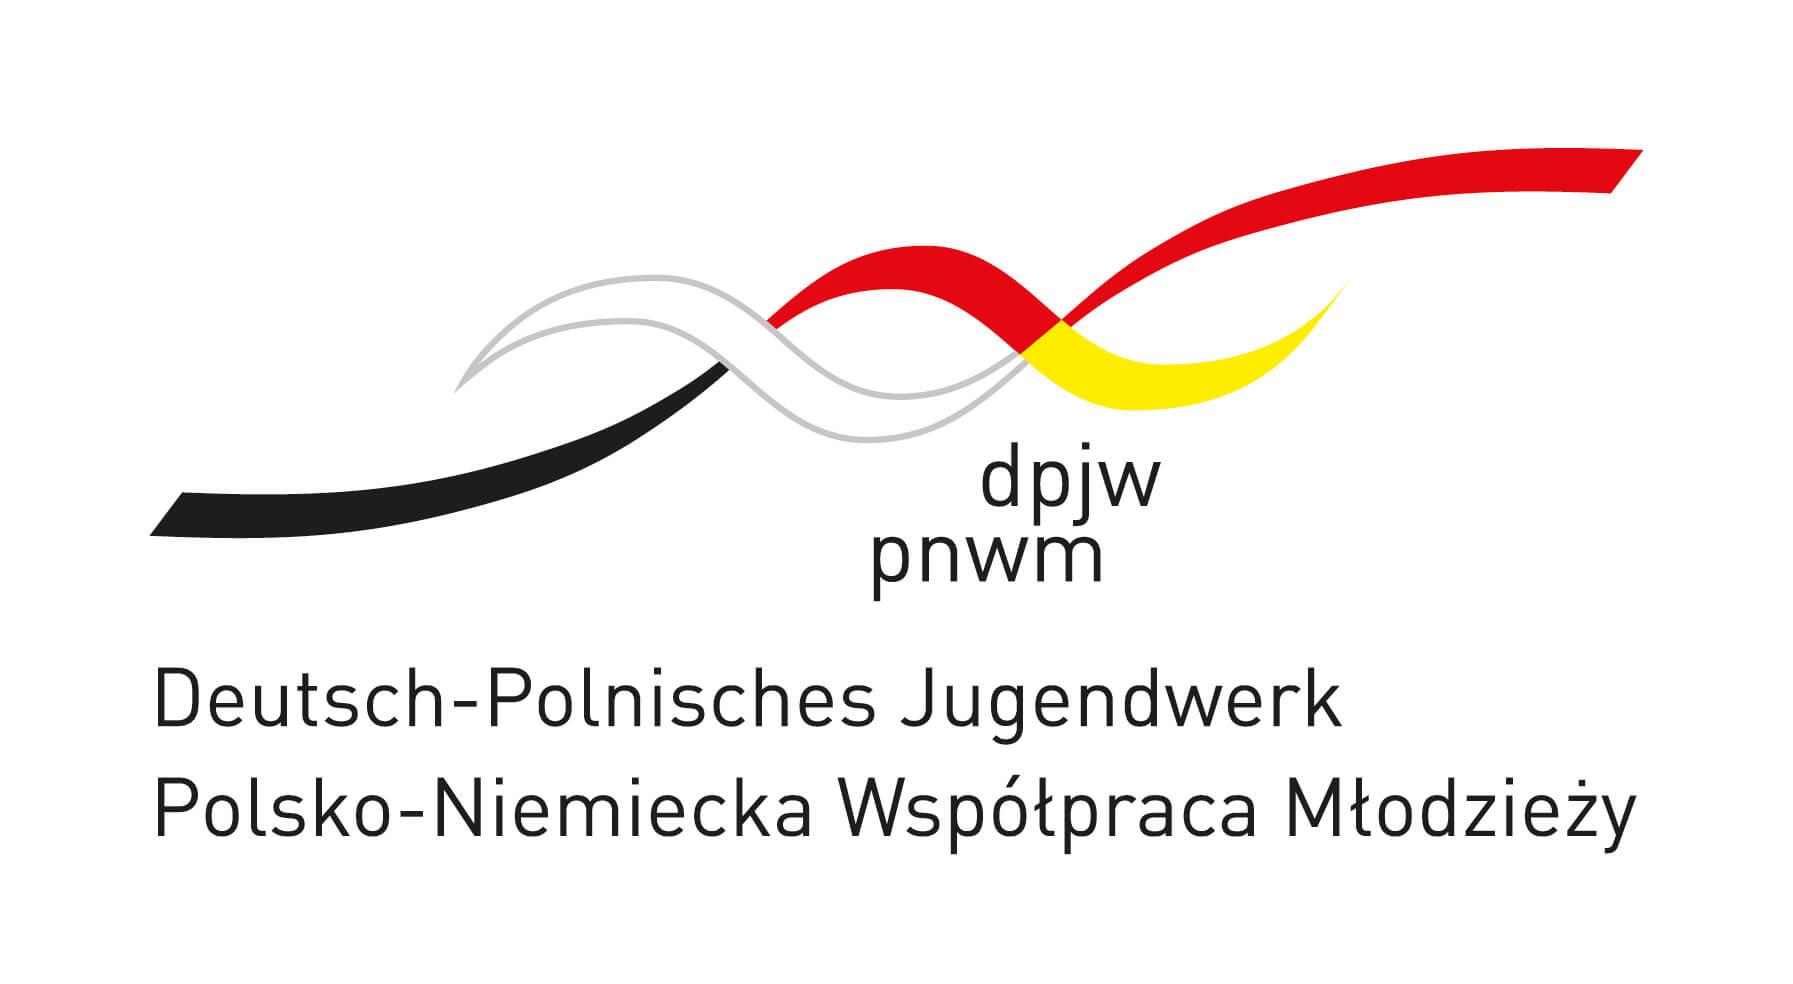 Logo DPJW